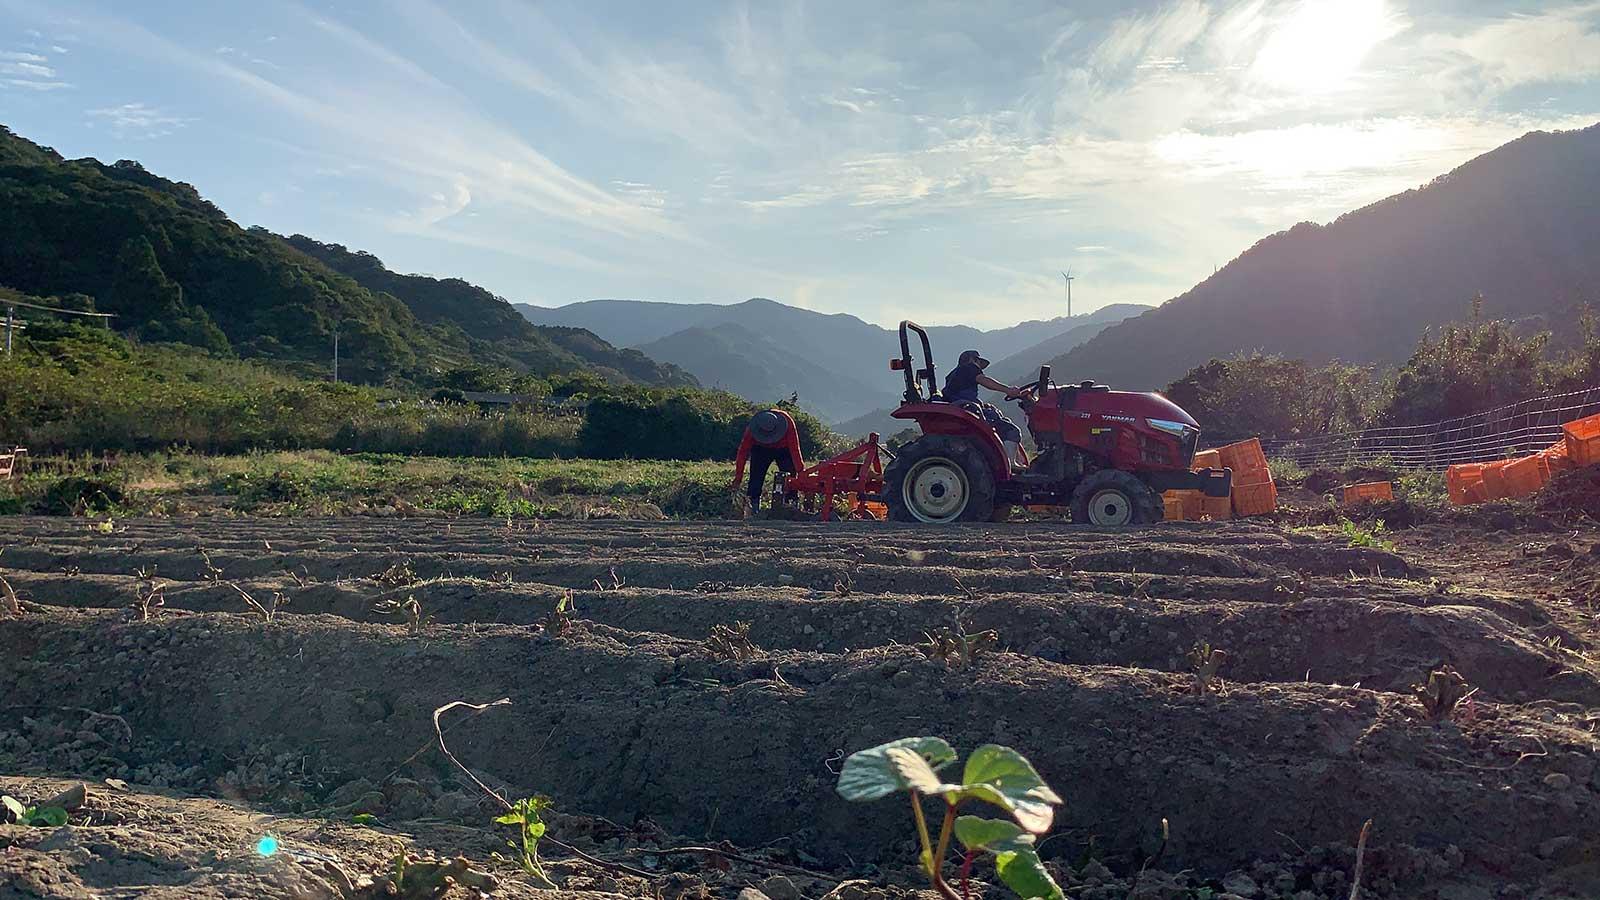 焼酎に適した品種の甘藷を、自社や契約農家の手で栽培。芋焼酎「五島灘」は100%上五島産で造られている。